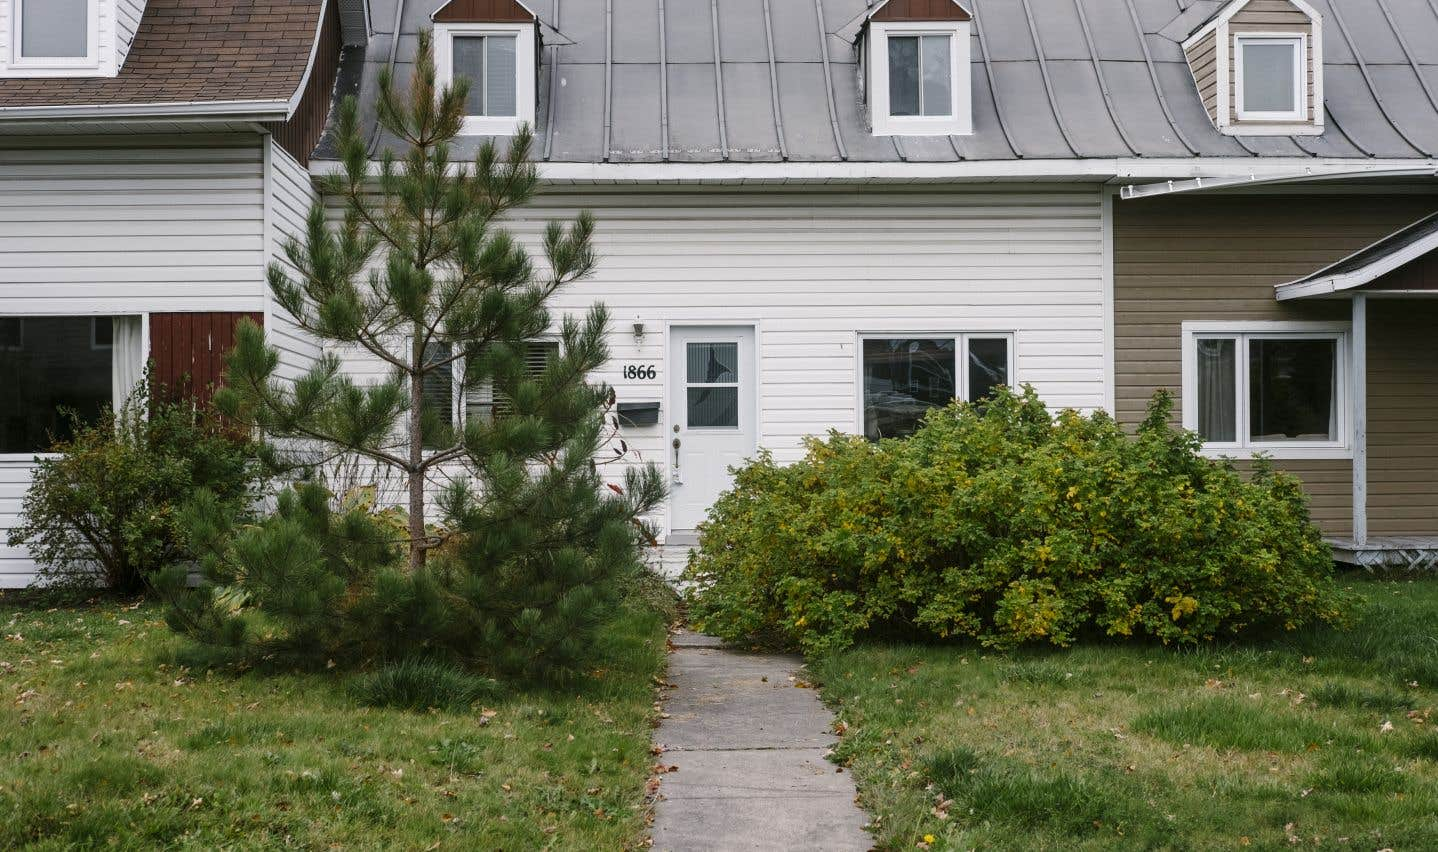 En 2010, Saguenay crée un programme de subvention encourageant les résidants à rénover les maisons à la manière de l'époque. Les toits en aluminium sont financés à 75%; les revêtements extérieurs en bois à 100%.